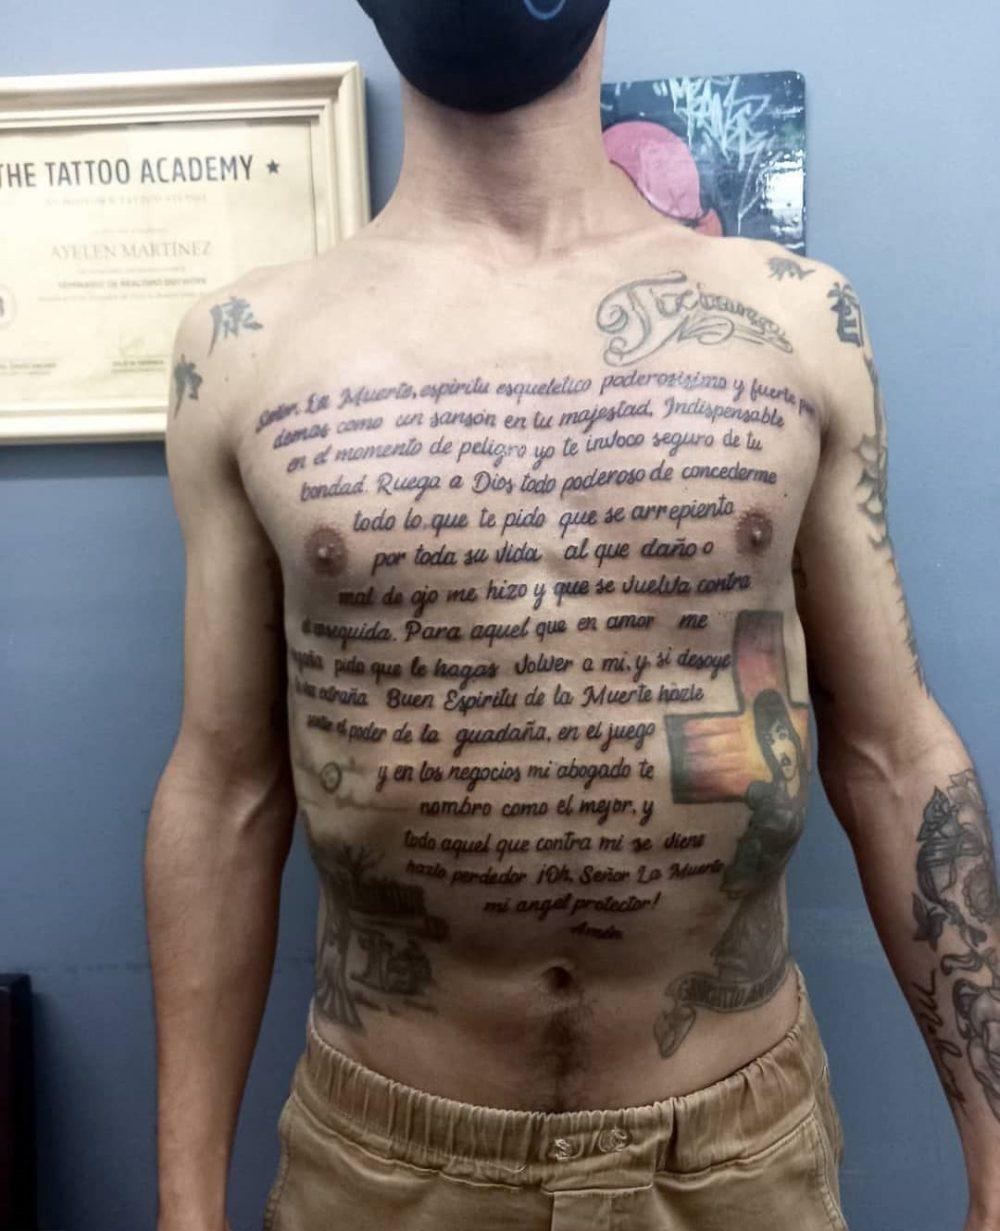 Creo que habría sido menos demigrante tatuarse el prospecto del ibuprofeno